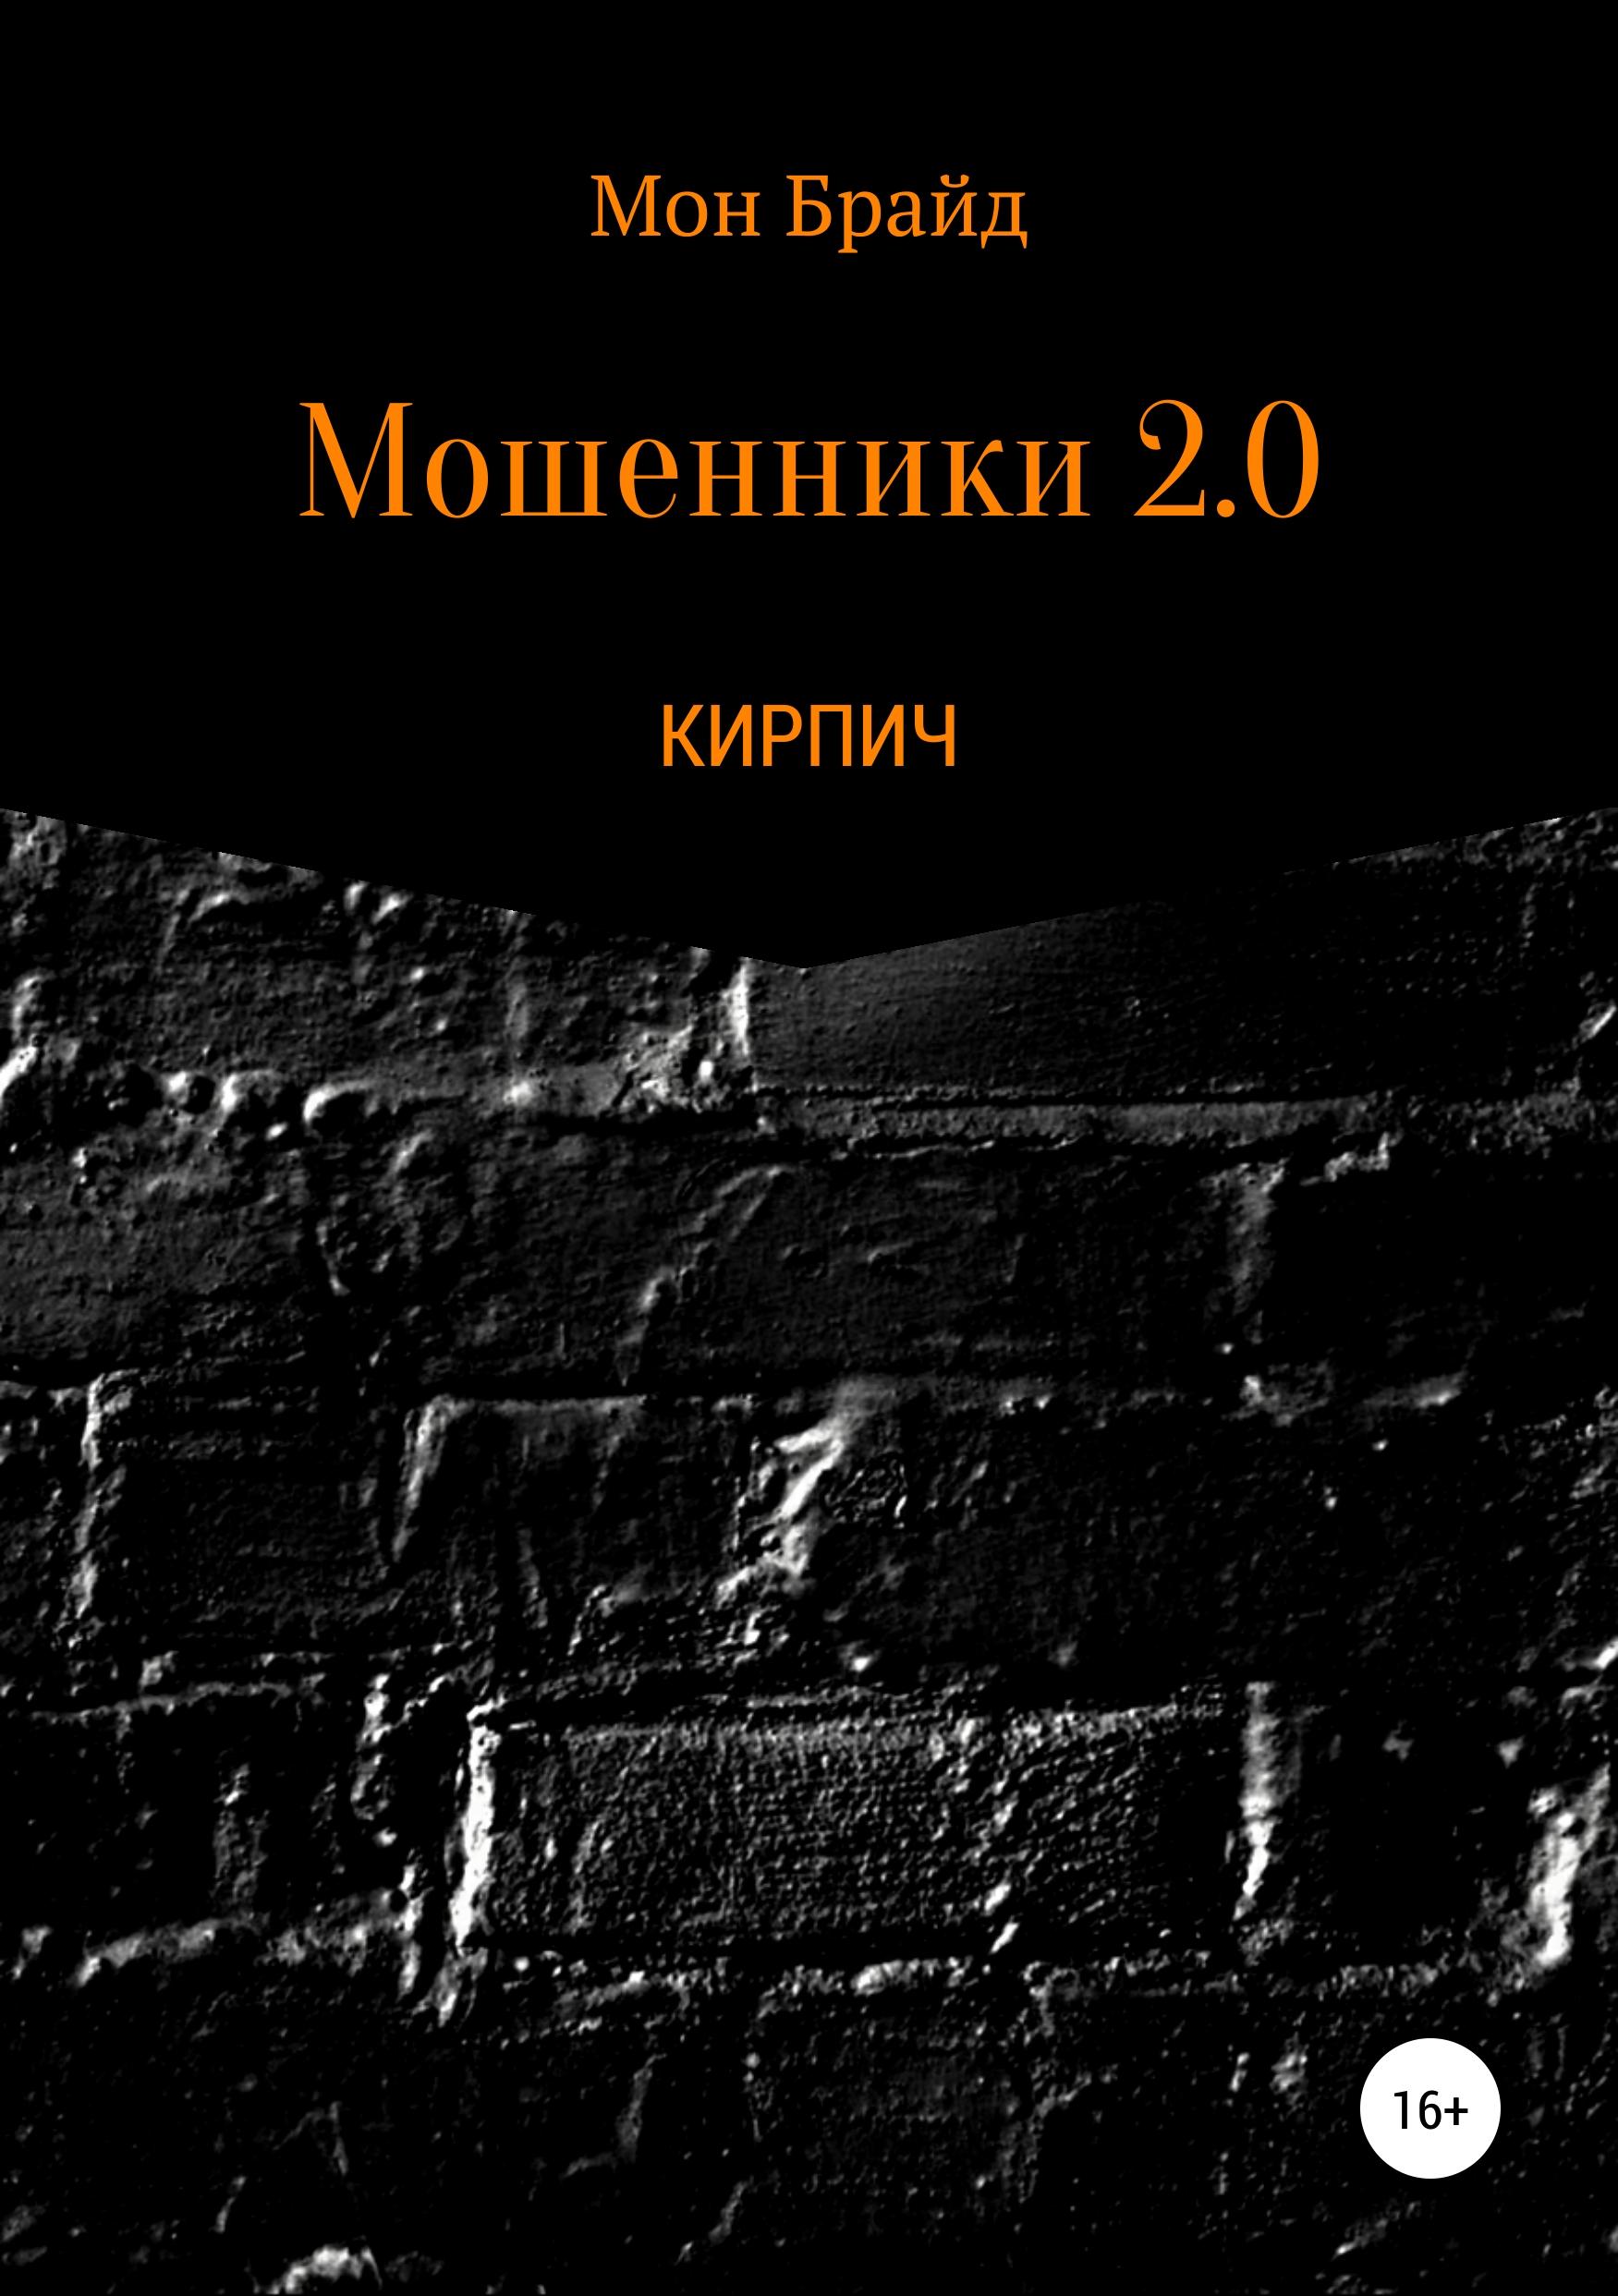 Купить книгу Мошенник 2.0 КИРПИЧ, автора Мона Брайд